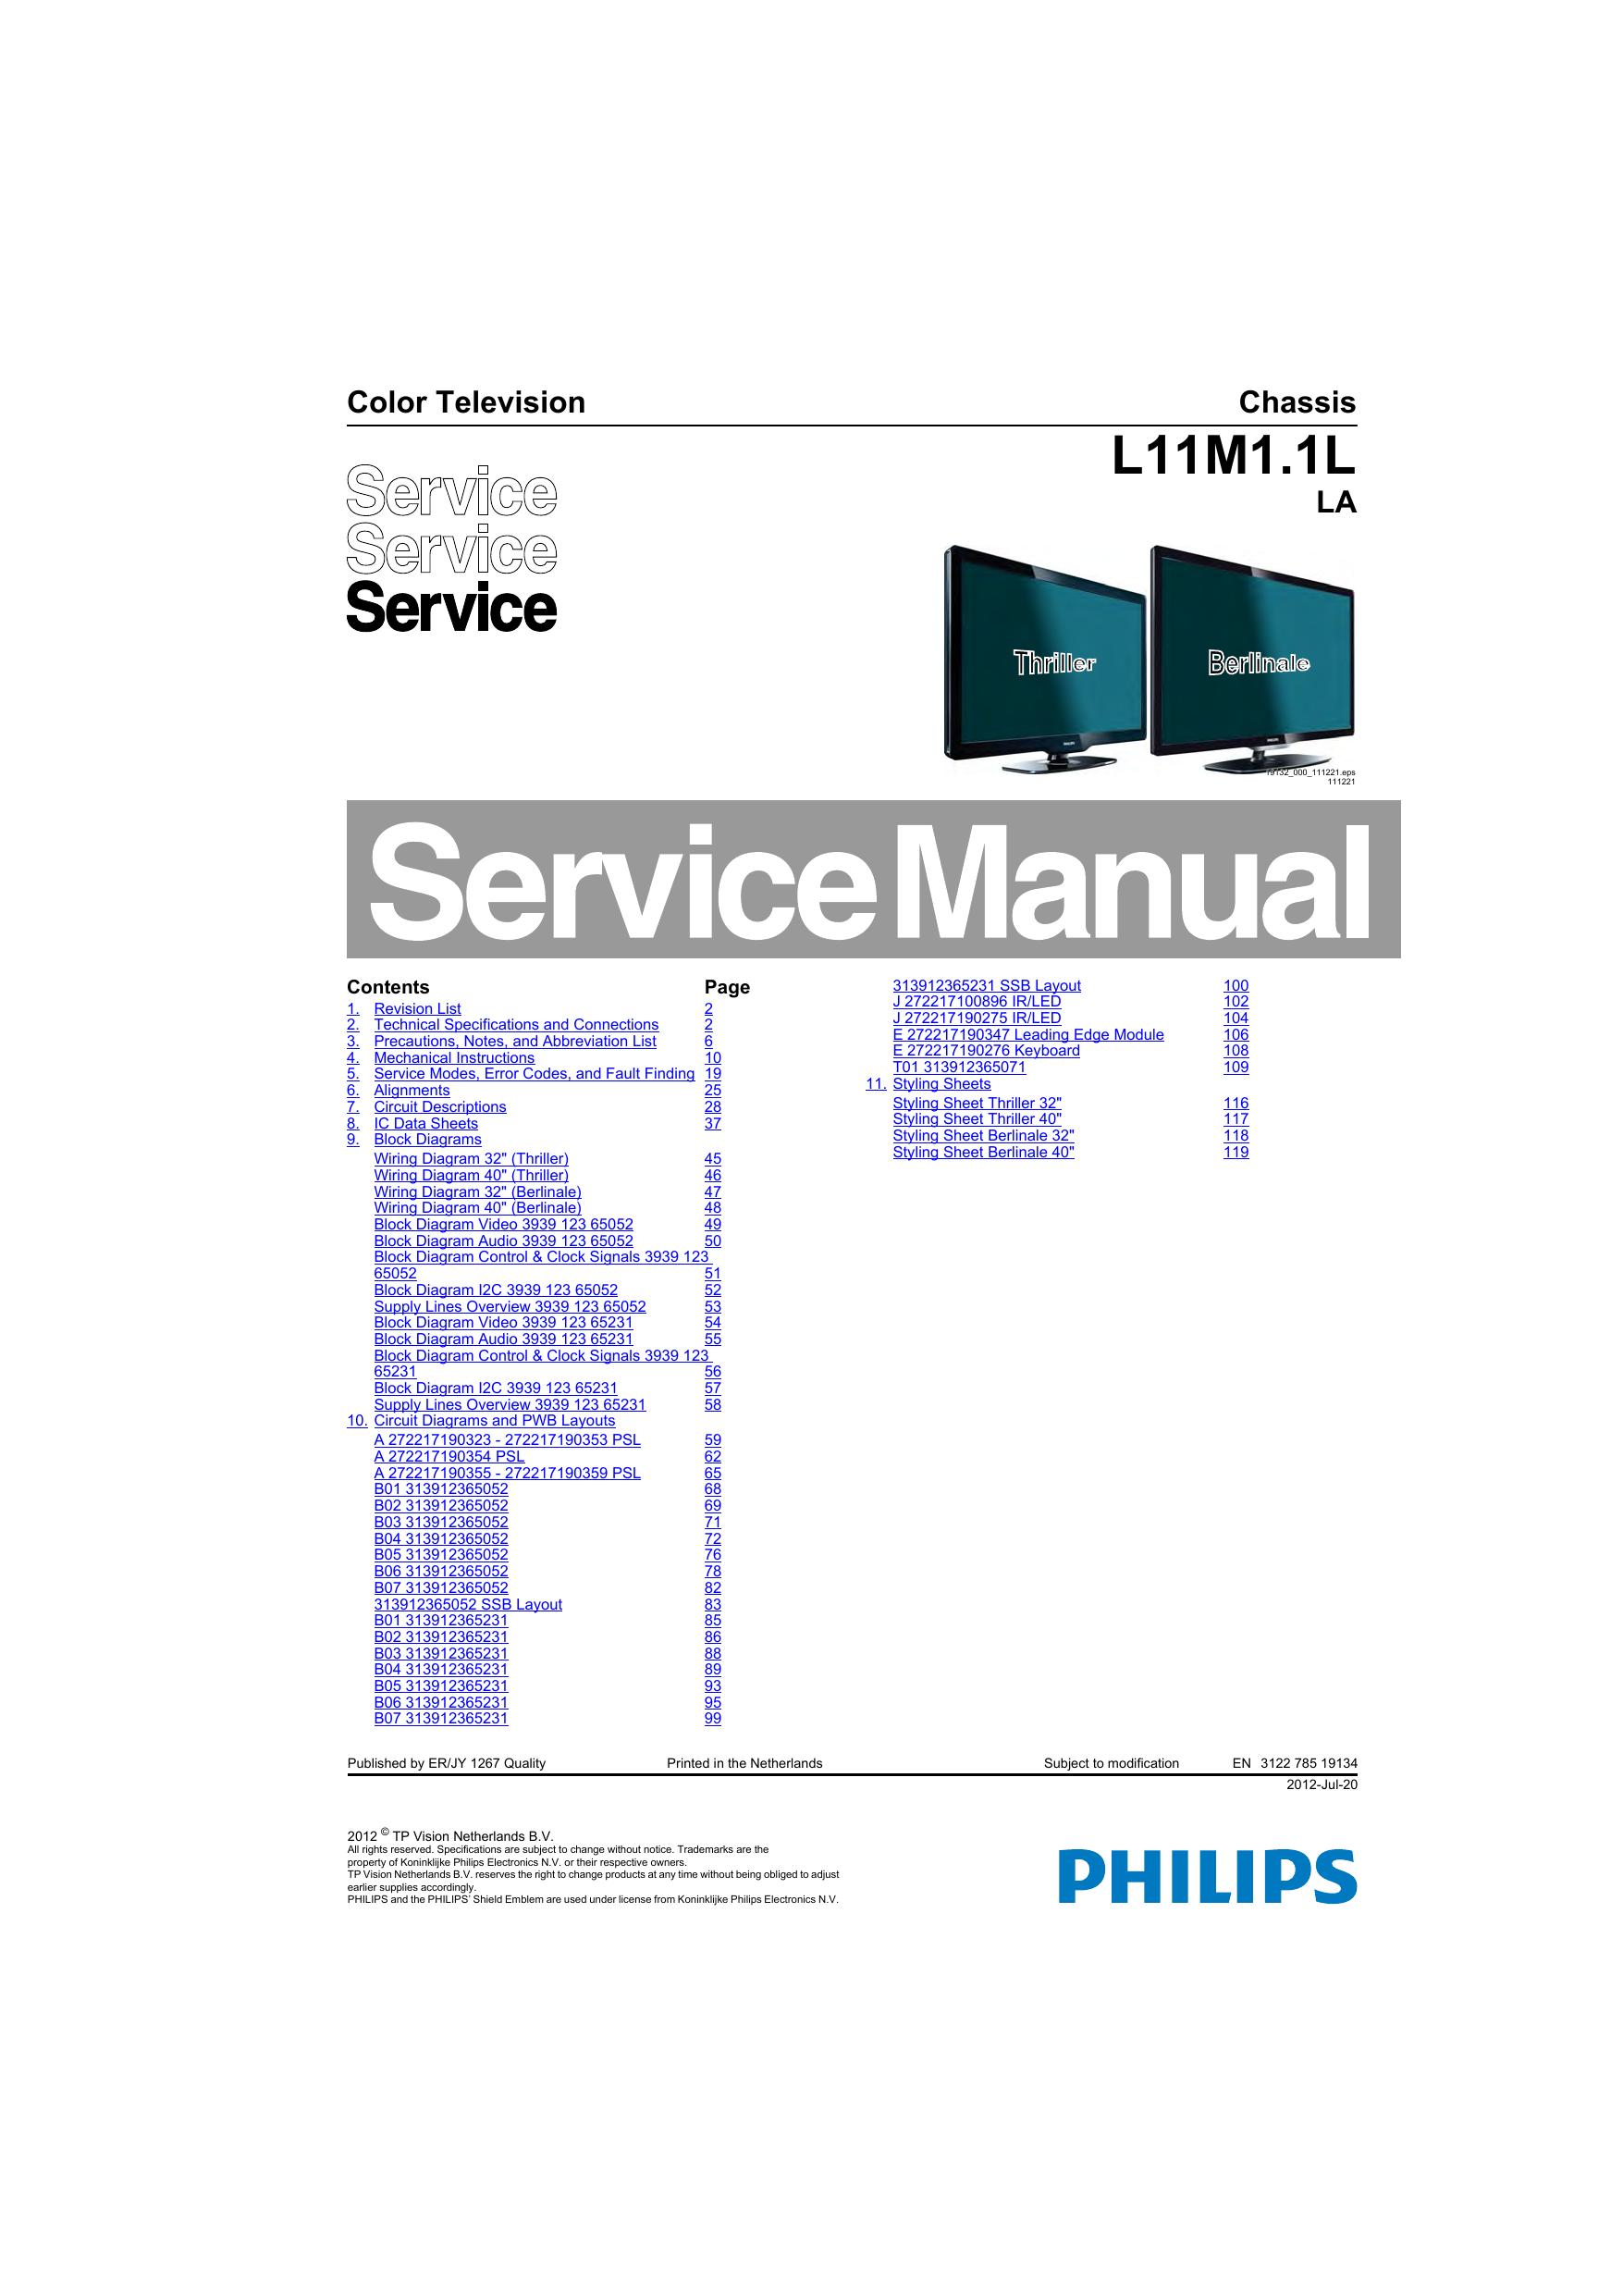 L11M1 1L LA, 3122 785 19134, 120720 | manualzz com